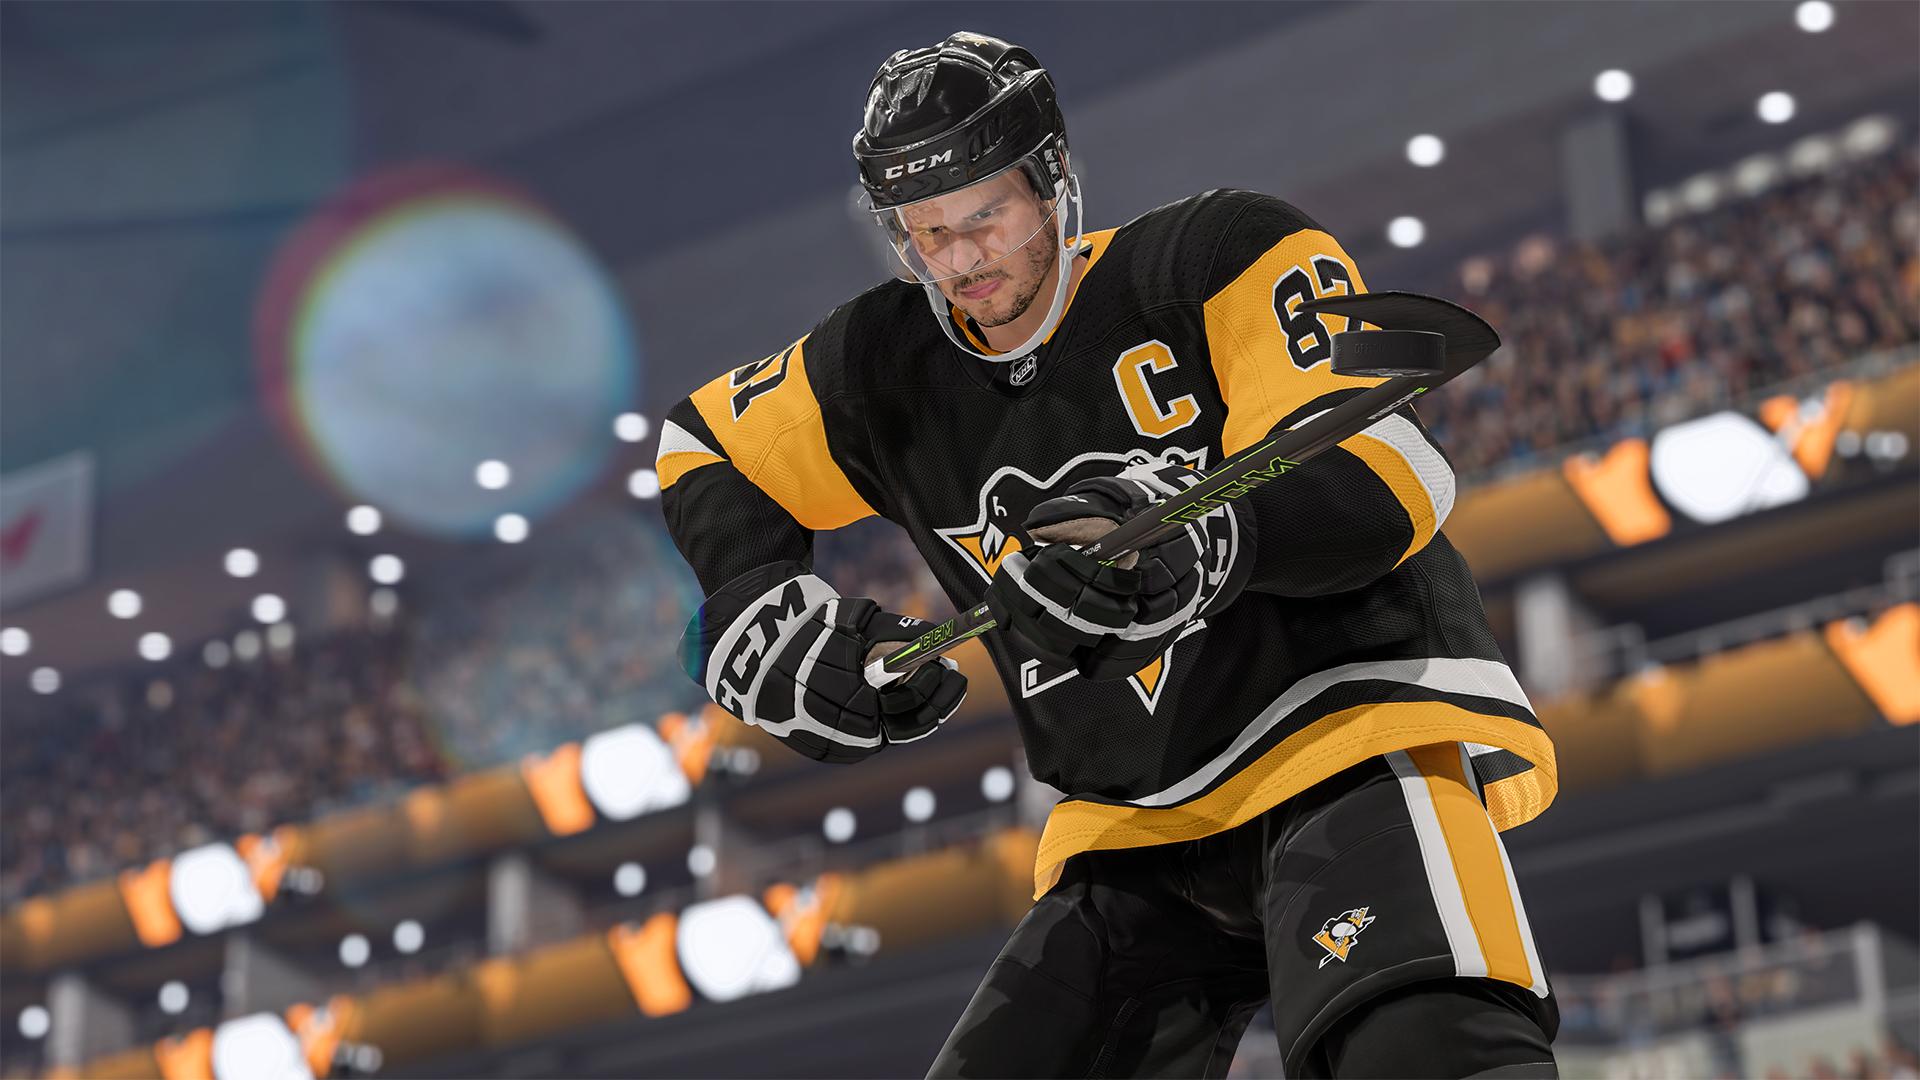 NHL 22 Crosby